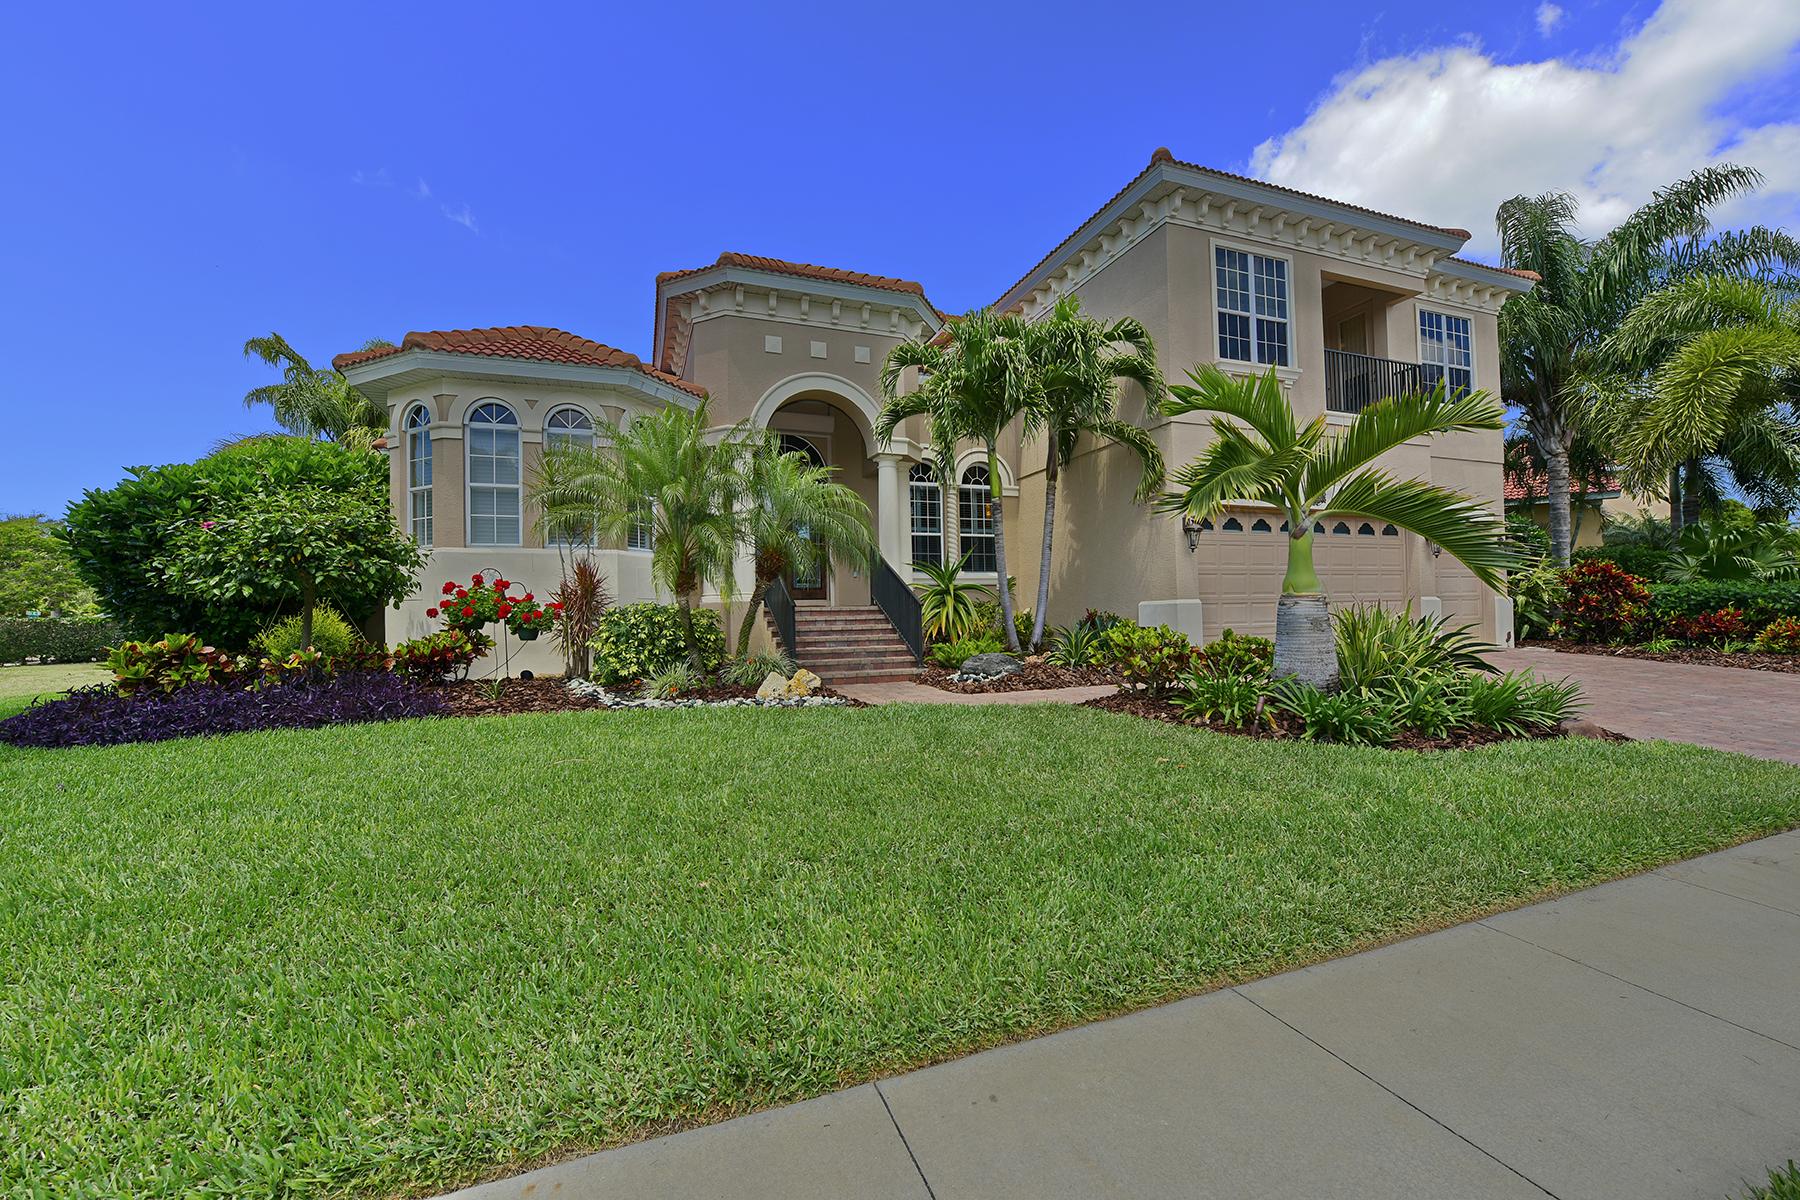 Einfamilienhaus für Verkauf beim HARBOUR LANDINGS 12516 Safe Harbour Dr Bradenton, Florida 34215 Vereinigte Staaten